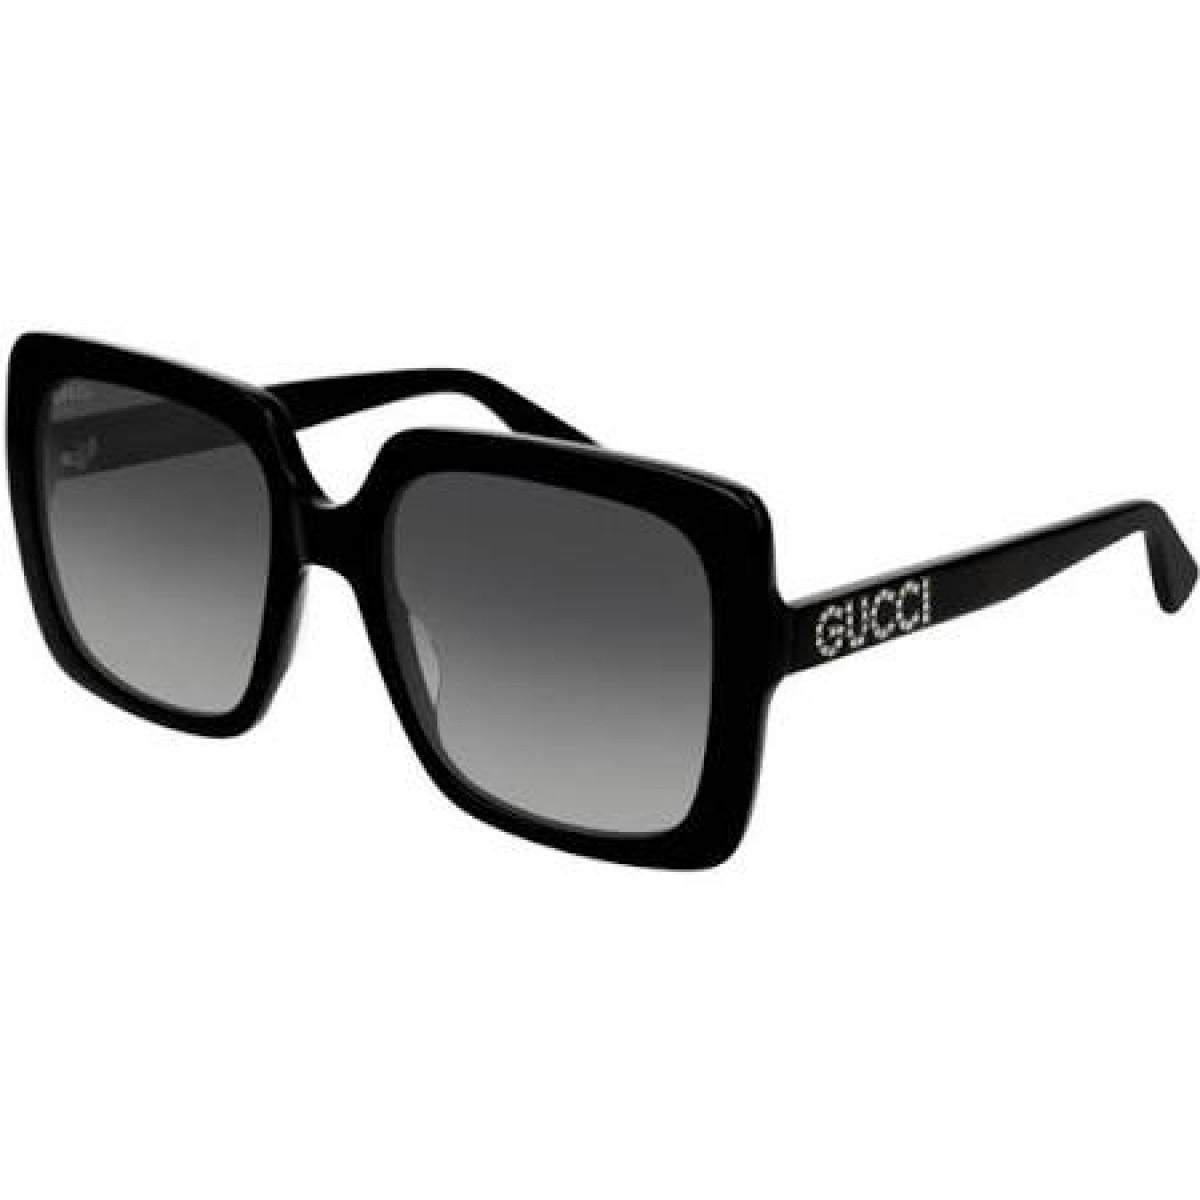 Gucci GG0418S Colore 001 black, 216,99€, Occhiali Gucci Nero a forma Squadrato